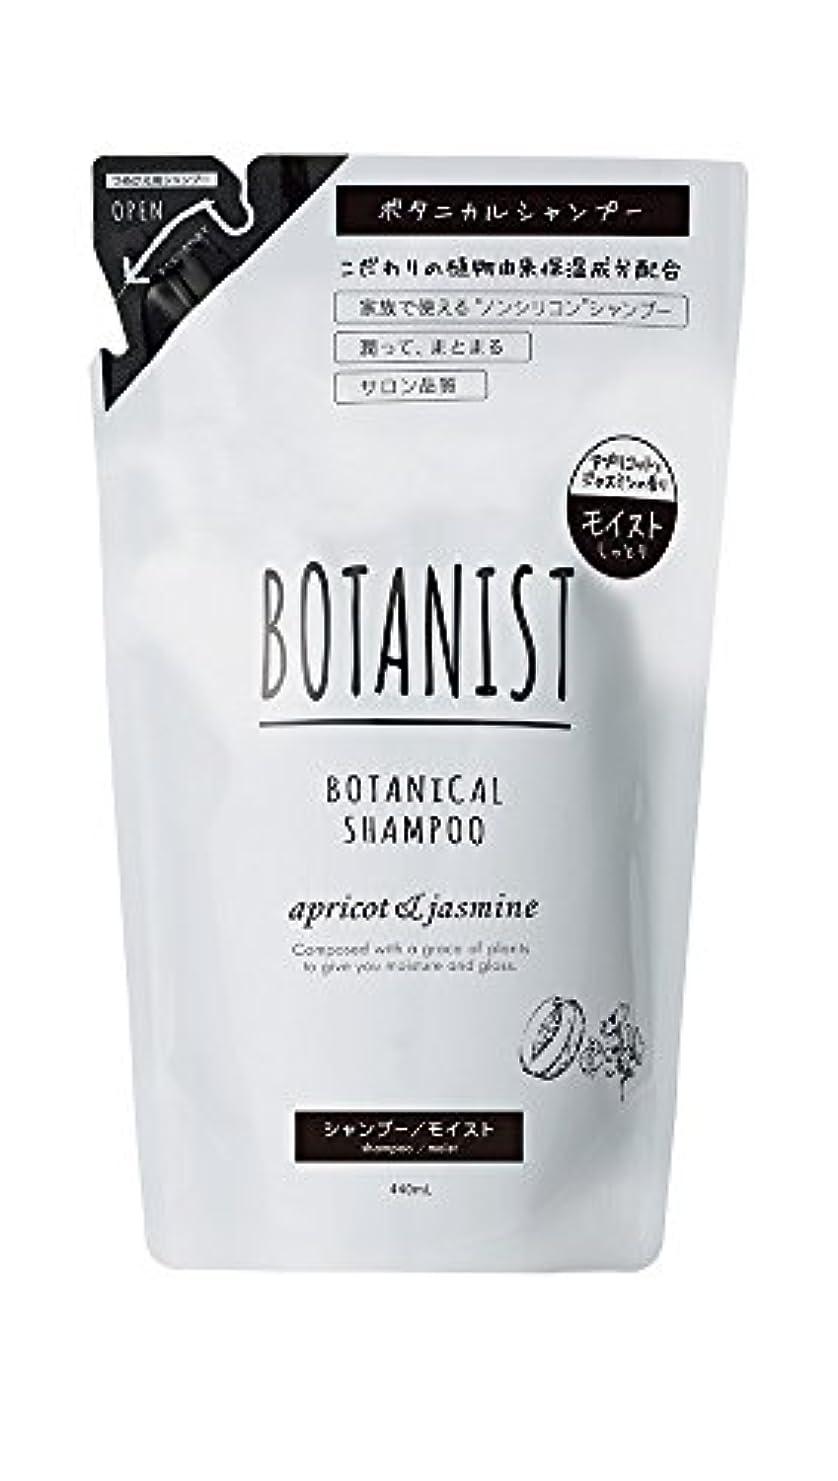 答え緊張大破BOTANIST ボタニカルシャンプー モイスト (詰め替えパウチ) 440ml